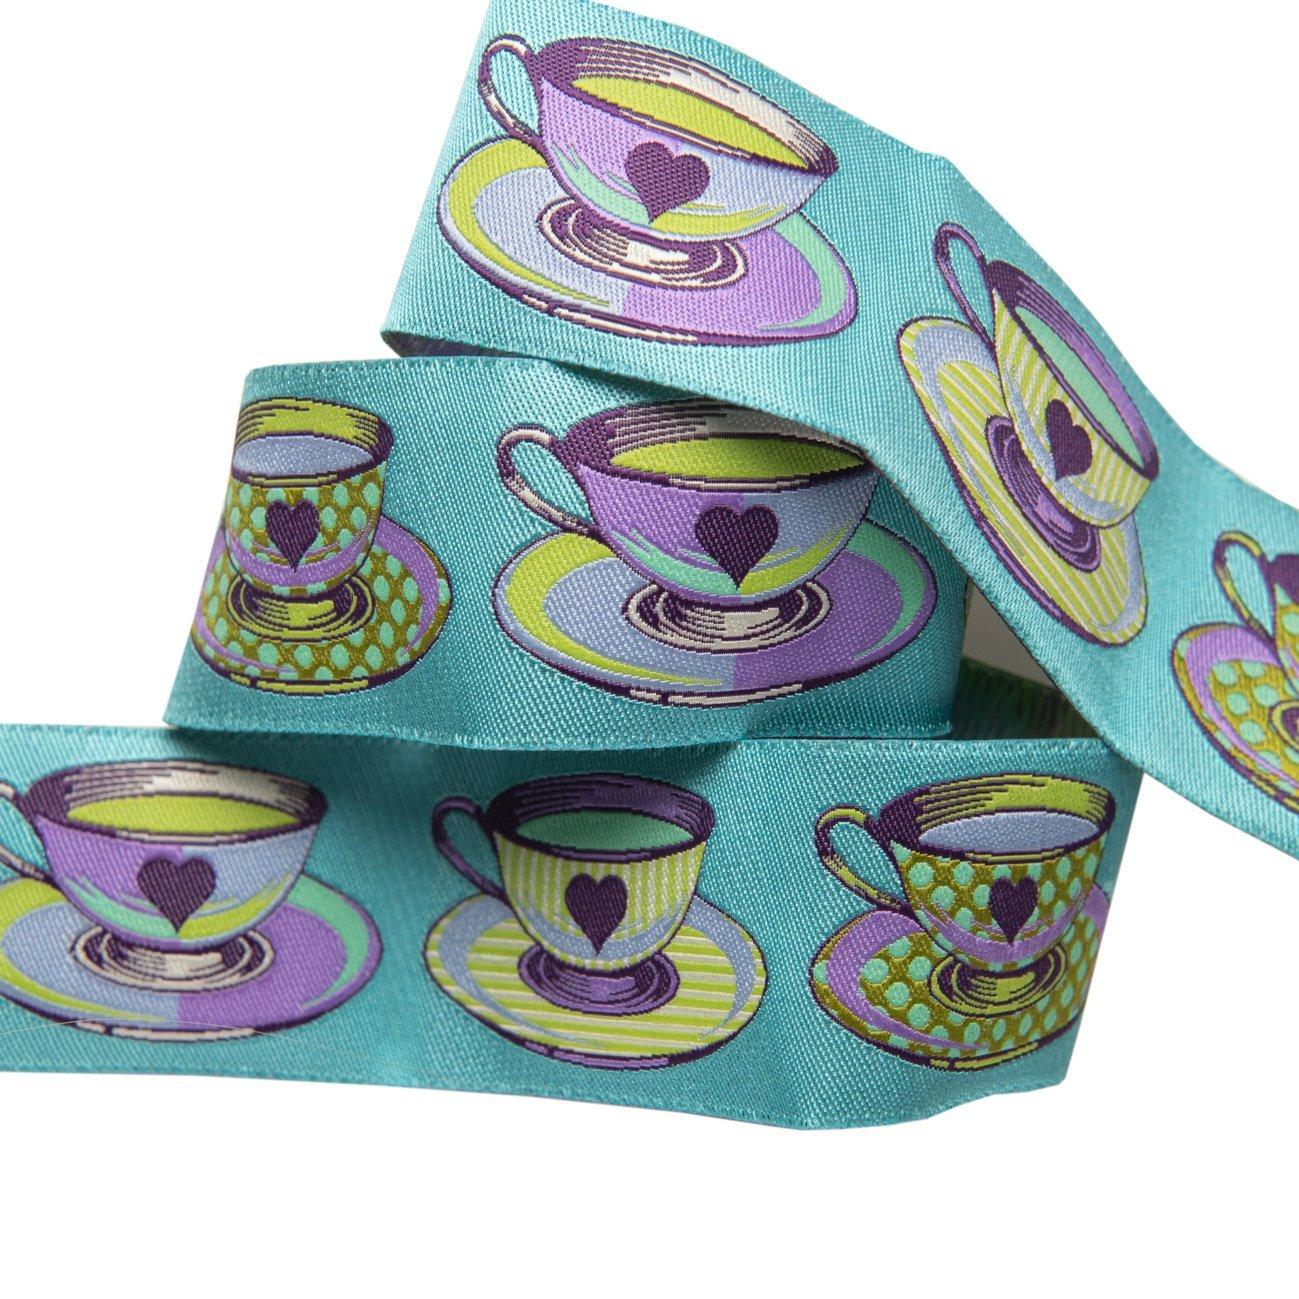 Renaissance Ribbons -Tula Pink Curiouser - Tea Time Blue-7/8